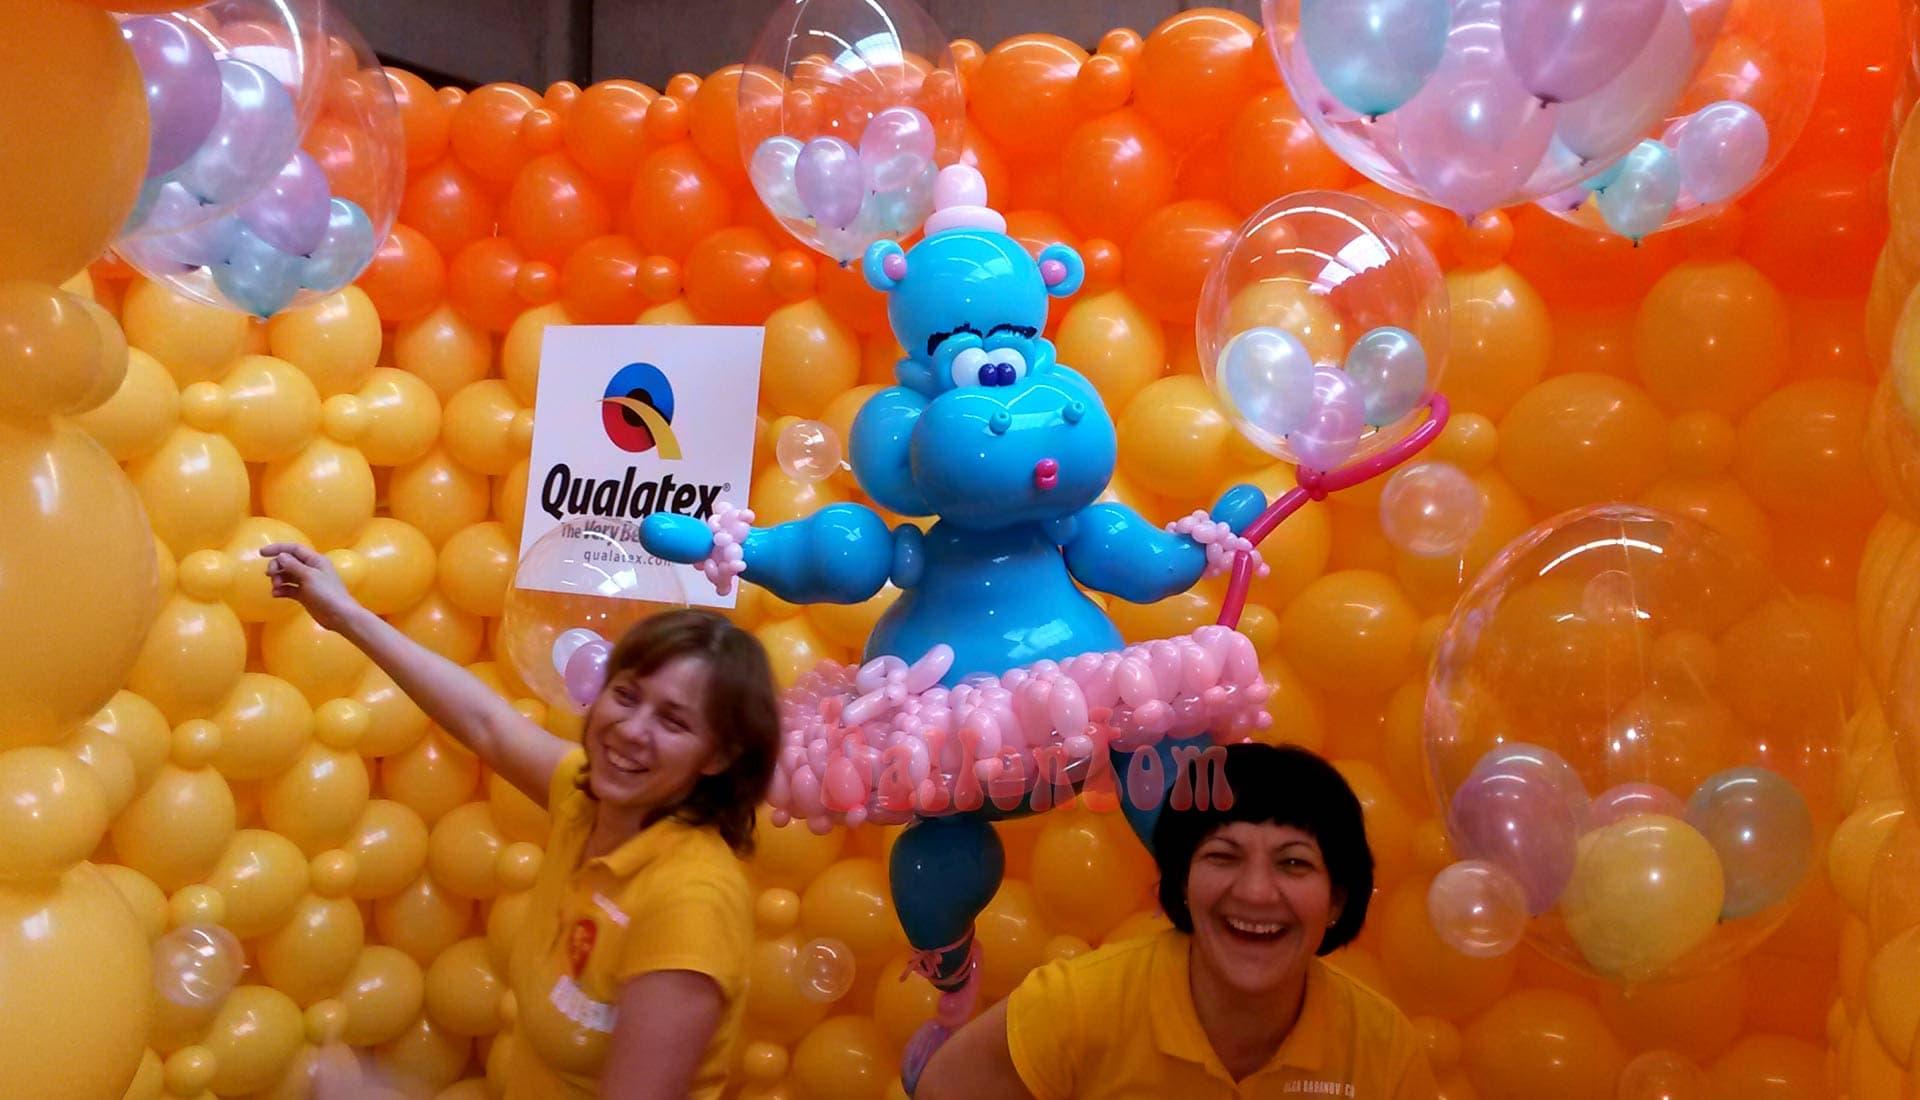 Weltrekord! Größtes Ballonlabyrinth mit über 100.000 Ballons mit ballontom - Nilpferd mit russischen Team